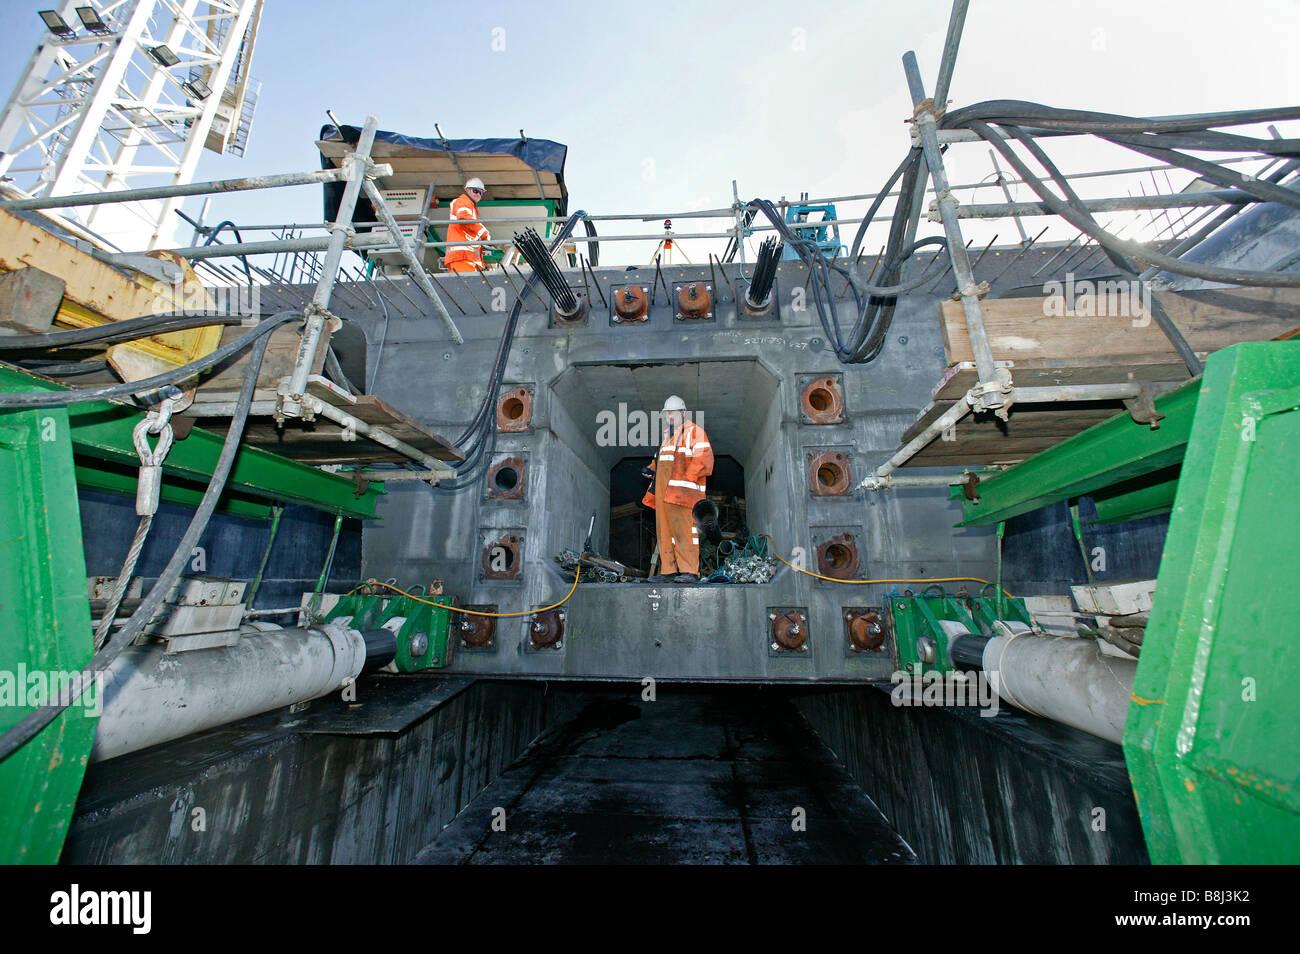 """Gatos hidráulicos de gran empuje la incrementalmente lanzó """"Thurrock viaducto en la autopista M25 en el Channel Tunnel Rail Link Foto de stock"""